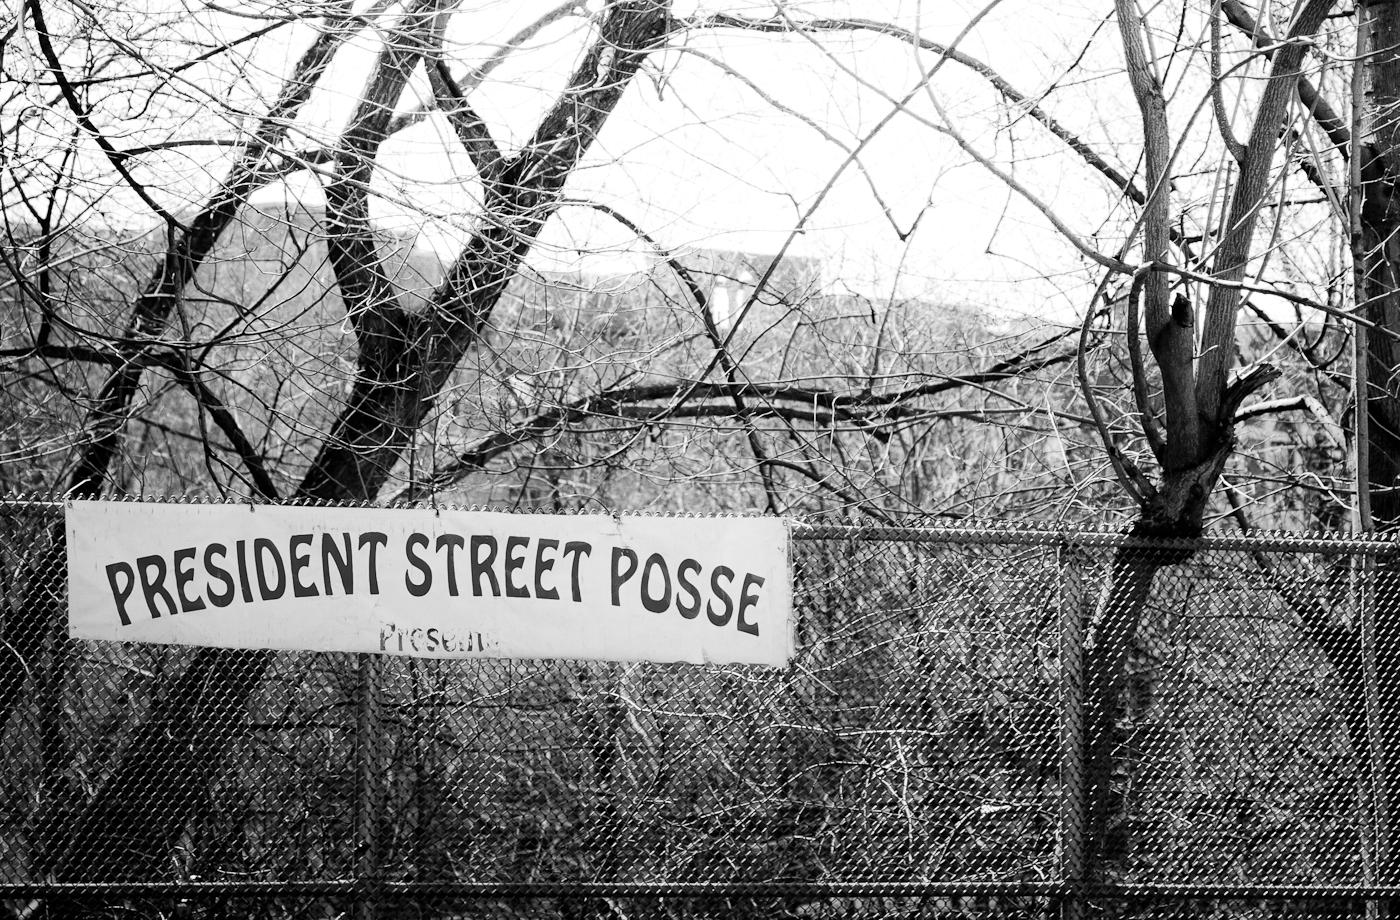 President Street Posse